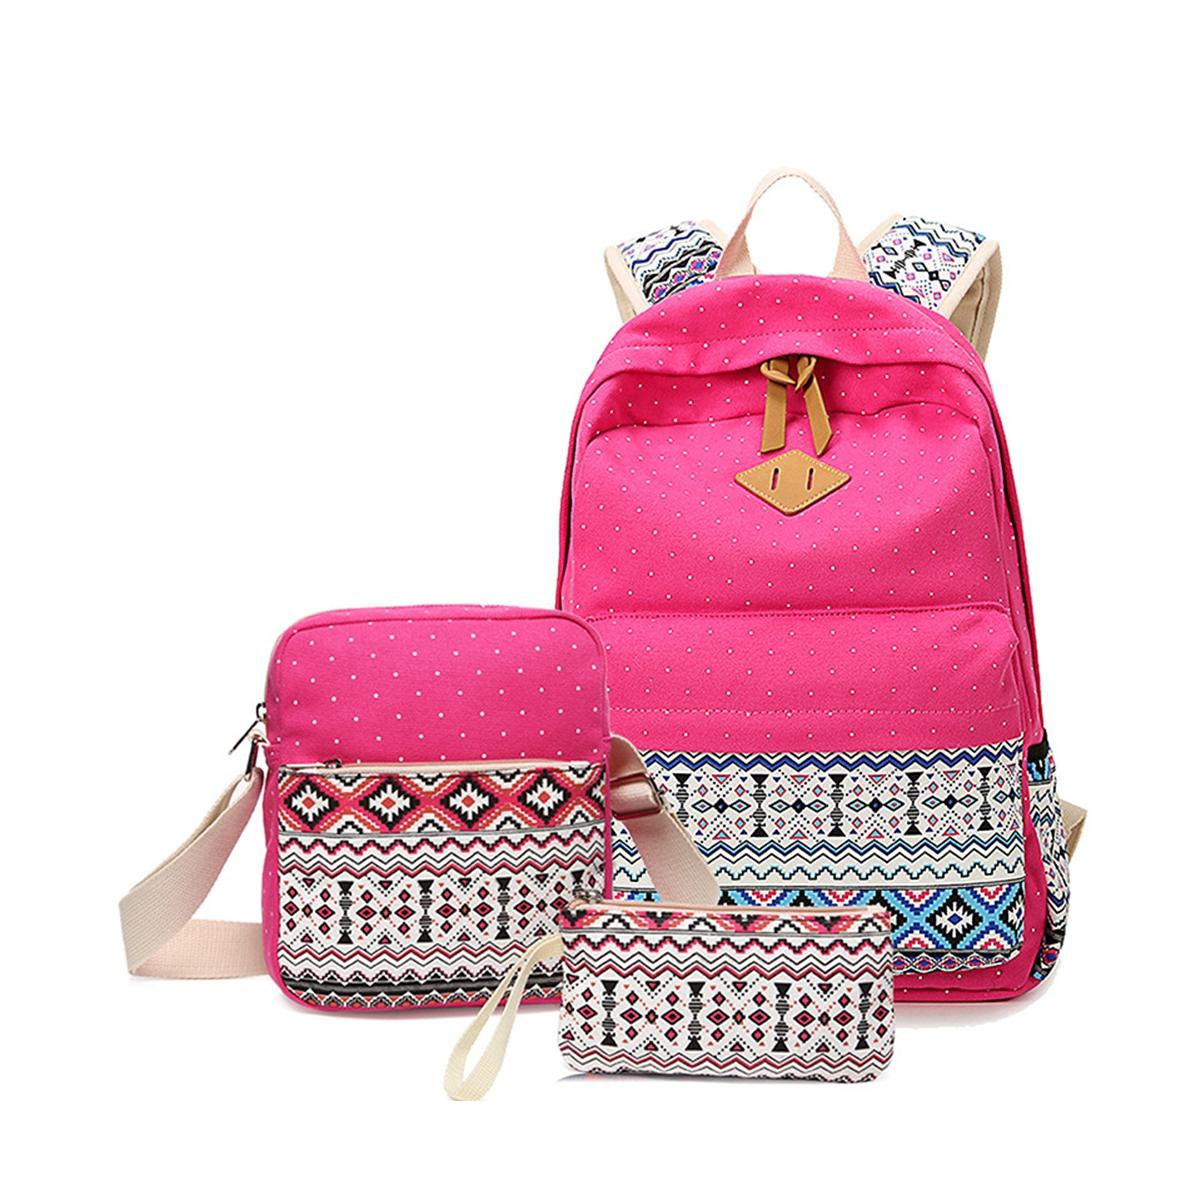 Casual Lightweight Canvas Wallet/Shoulder Bag/School Backpack Travel Bags Set